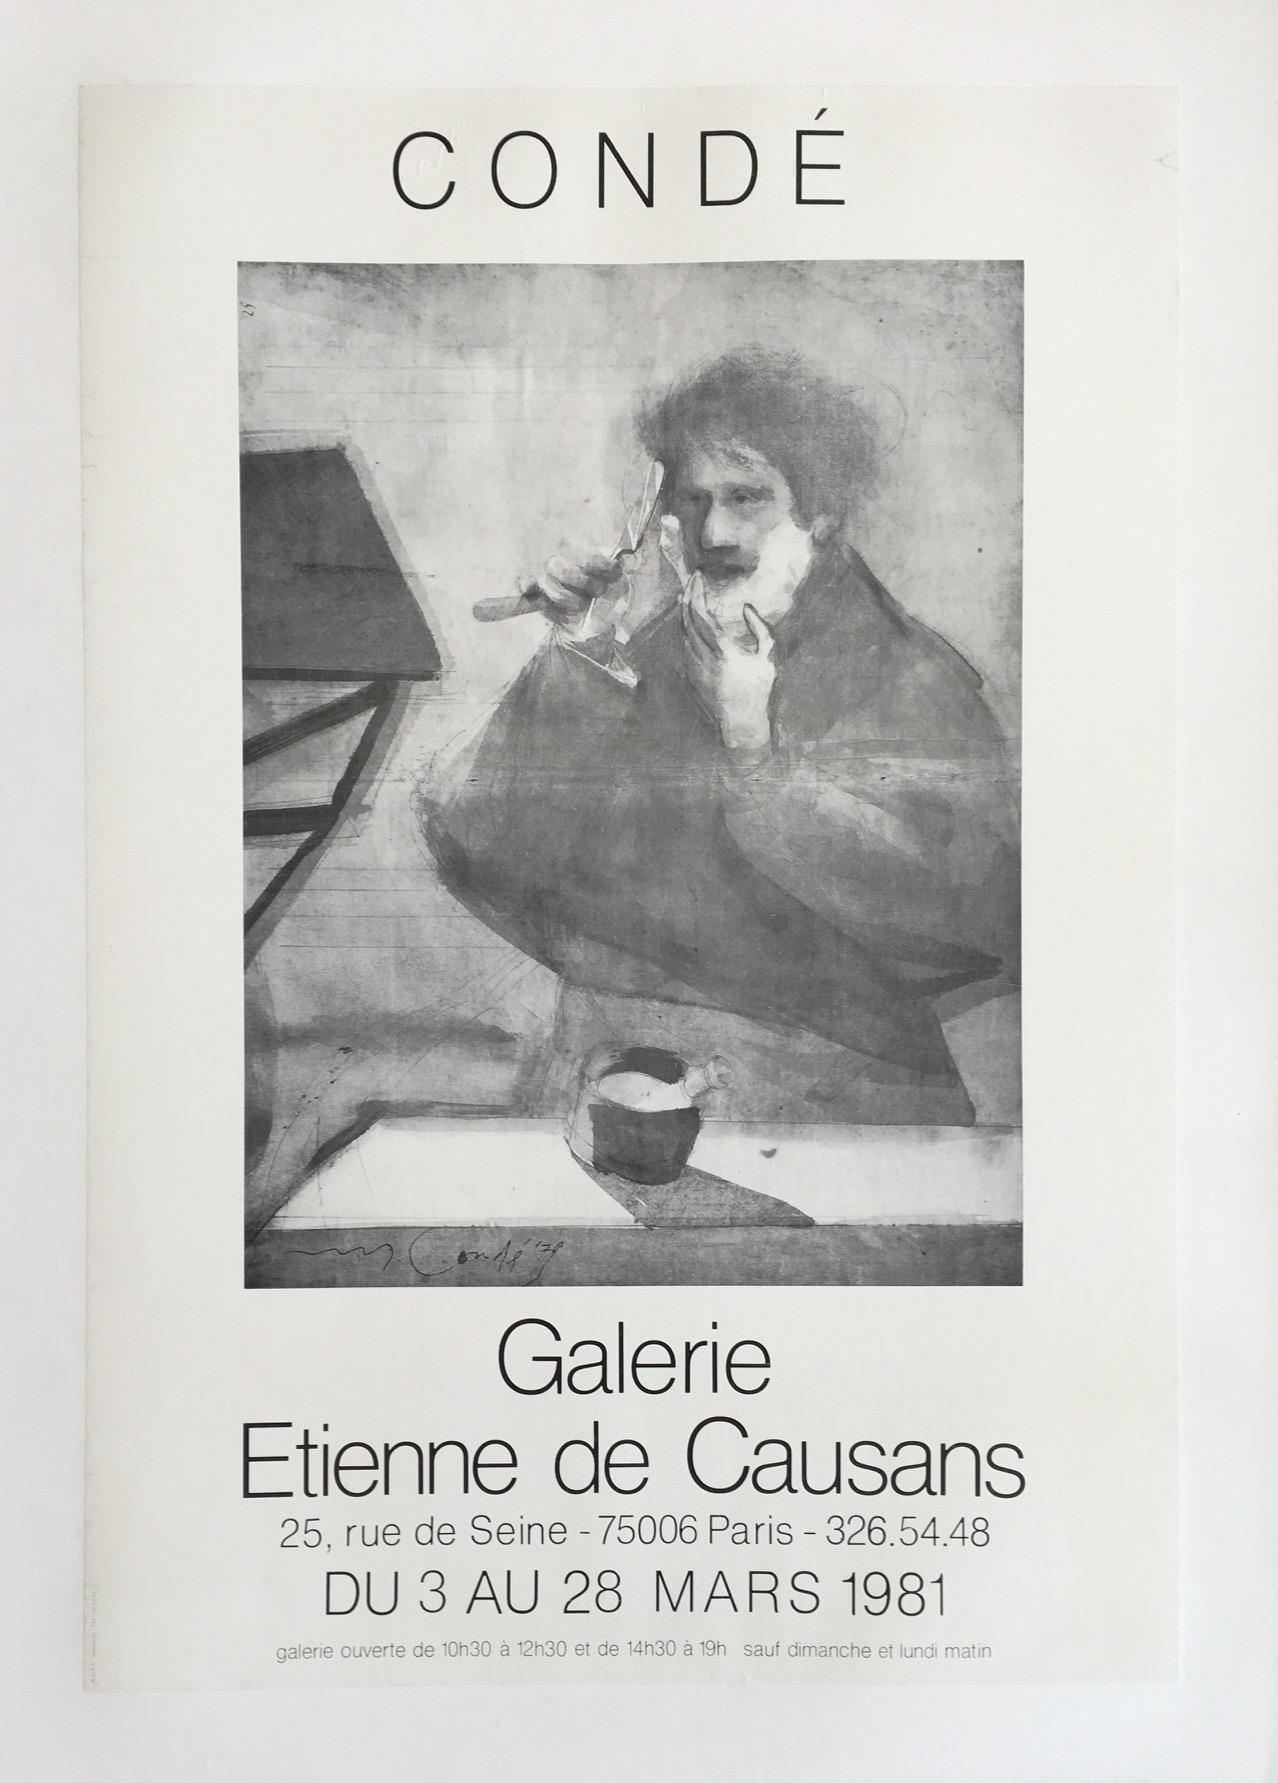 Galerie Etienne de Causans Original Vintage Poster